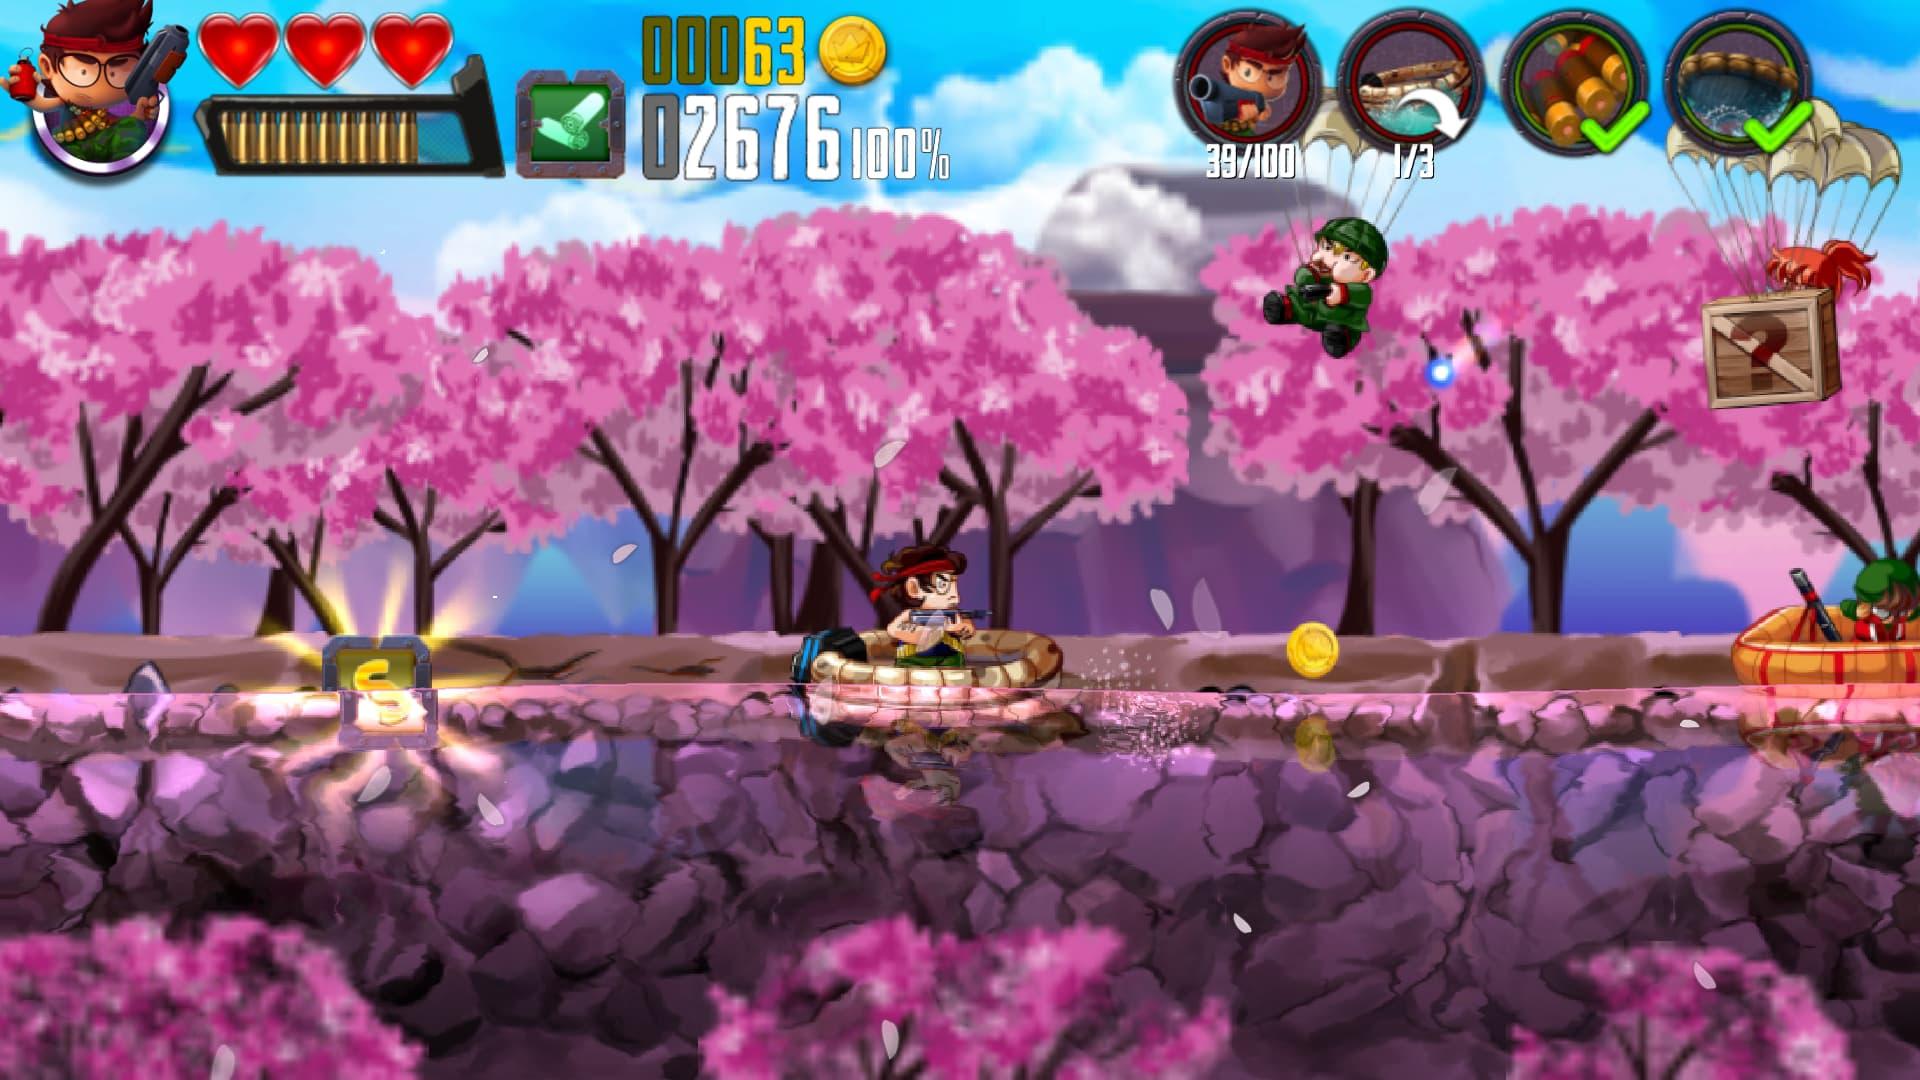 Traversez des rivières bordées de cerisiers en fleur dans Ramboat.